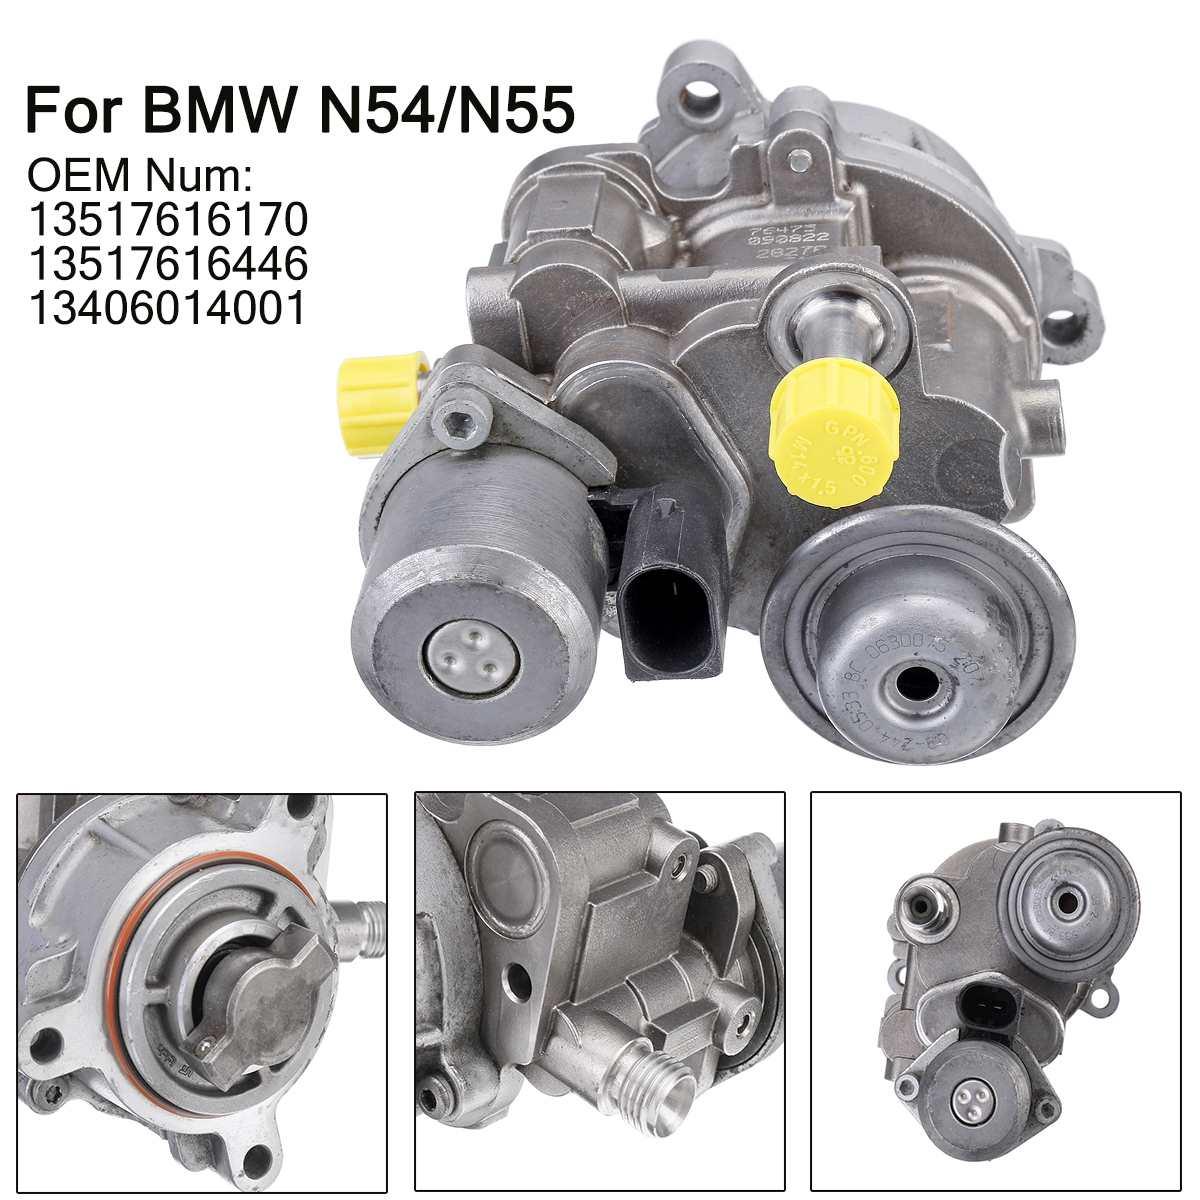 בלחץ גבוה משאבת דלק 13517616170 13517616446 13406014001 עבור BMW N54/N55